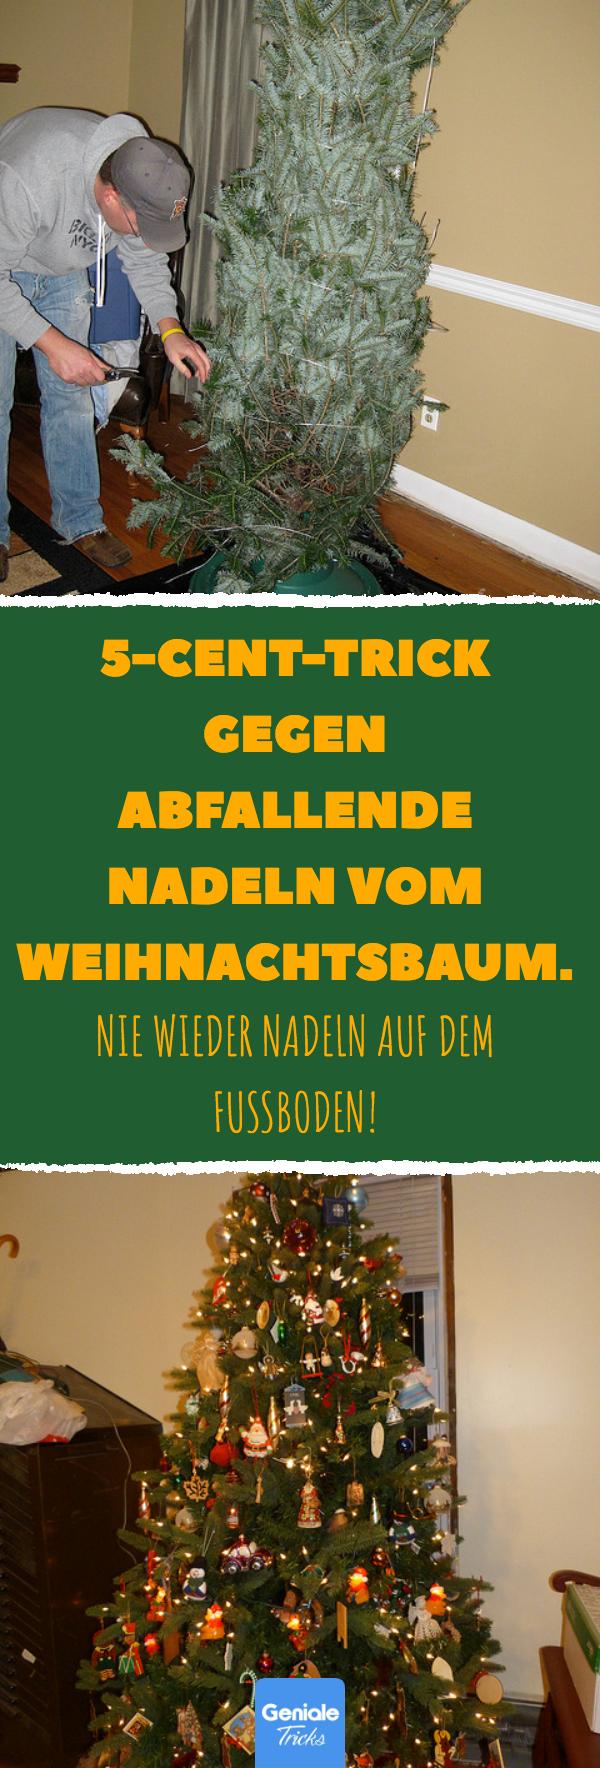 5-Cent-Trick gegen abfallende Nadeln vom Weihnachtsbaum. #weihnachtsbaum #tipps #tricks #nadeln #lifehacks #tannenbaum #nordmanntanne